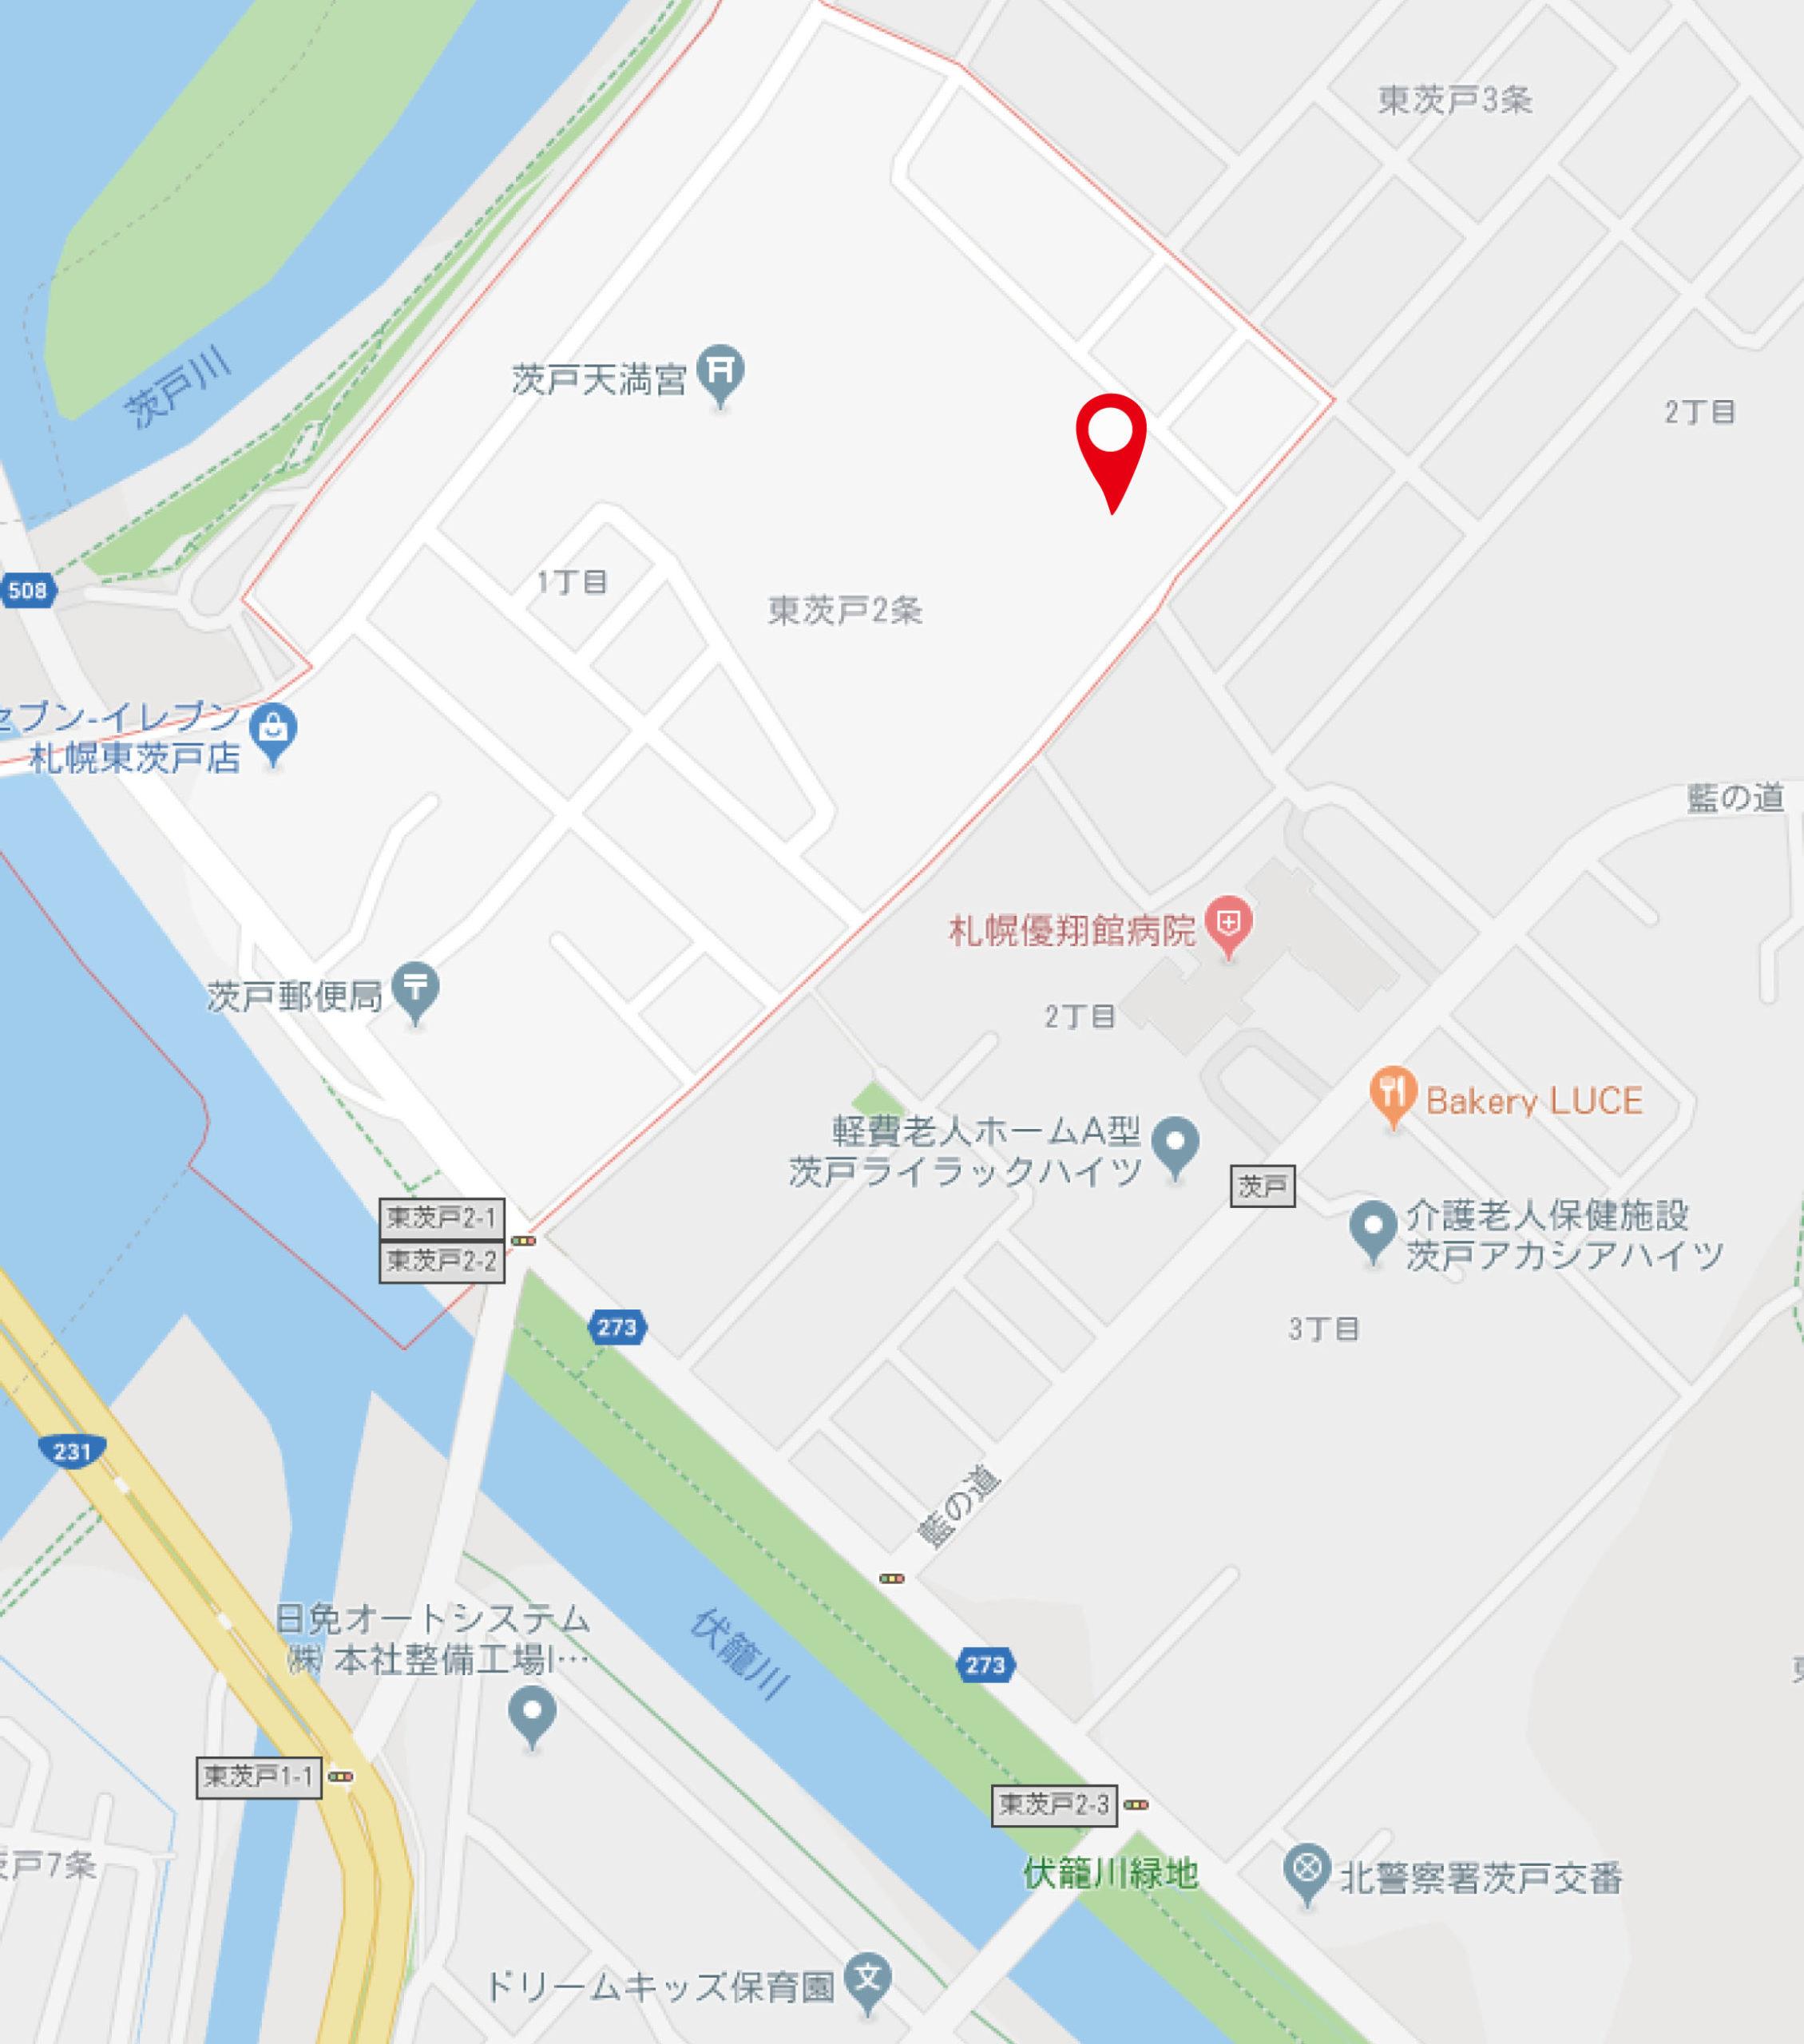 茨戸グーグルマップポイント